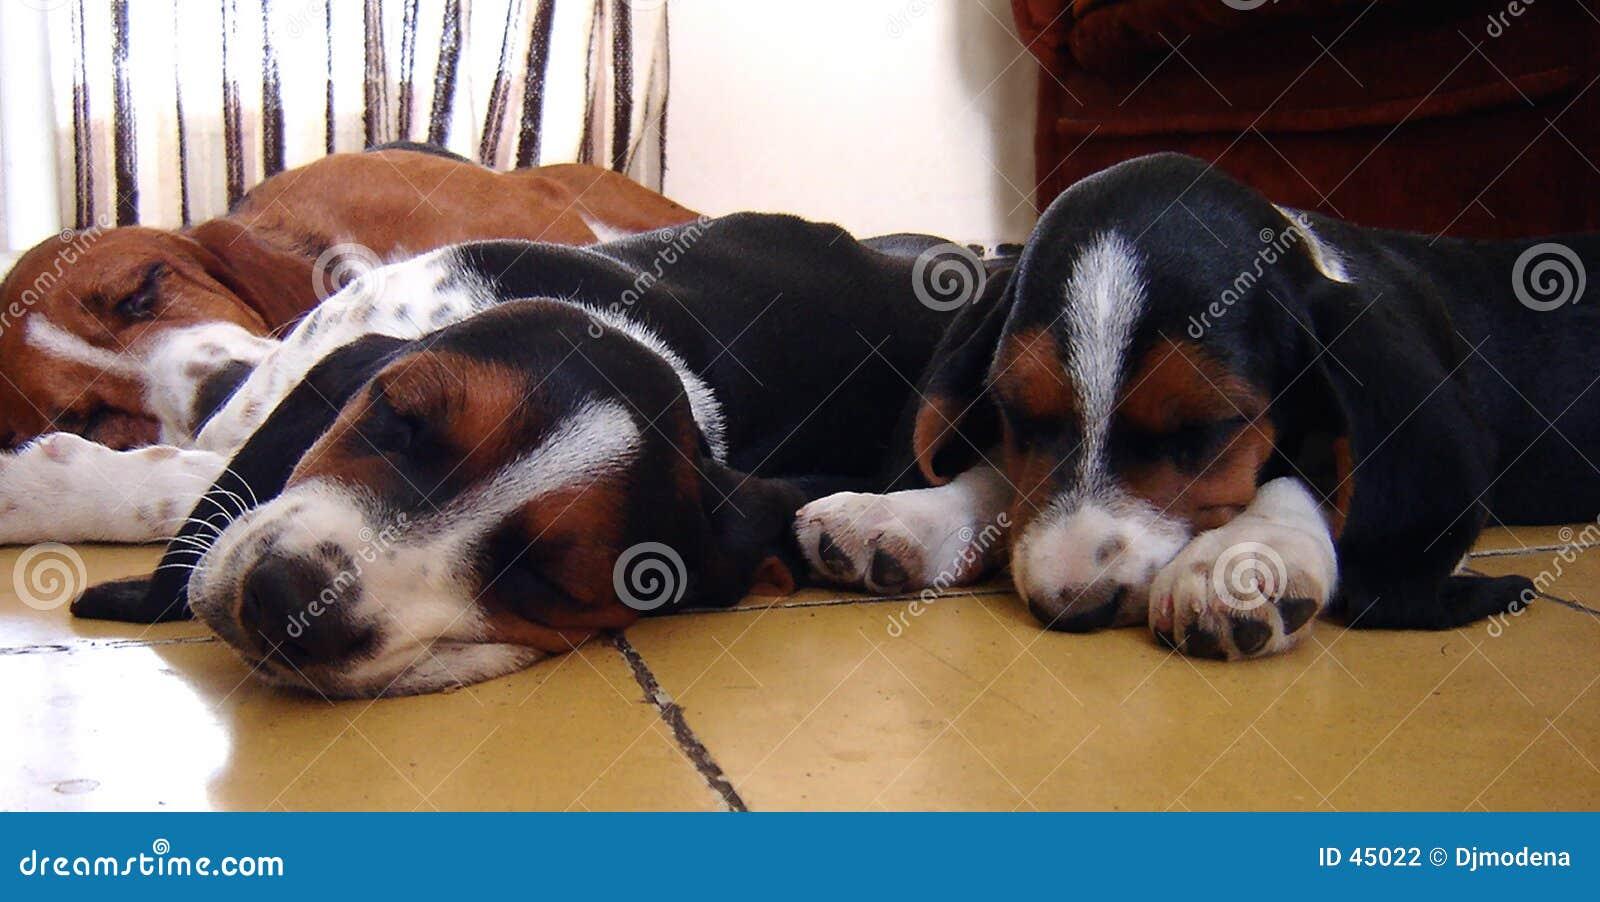 Sleepping Dachshundjagdhundhunde